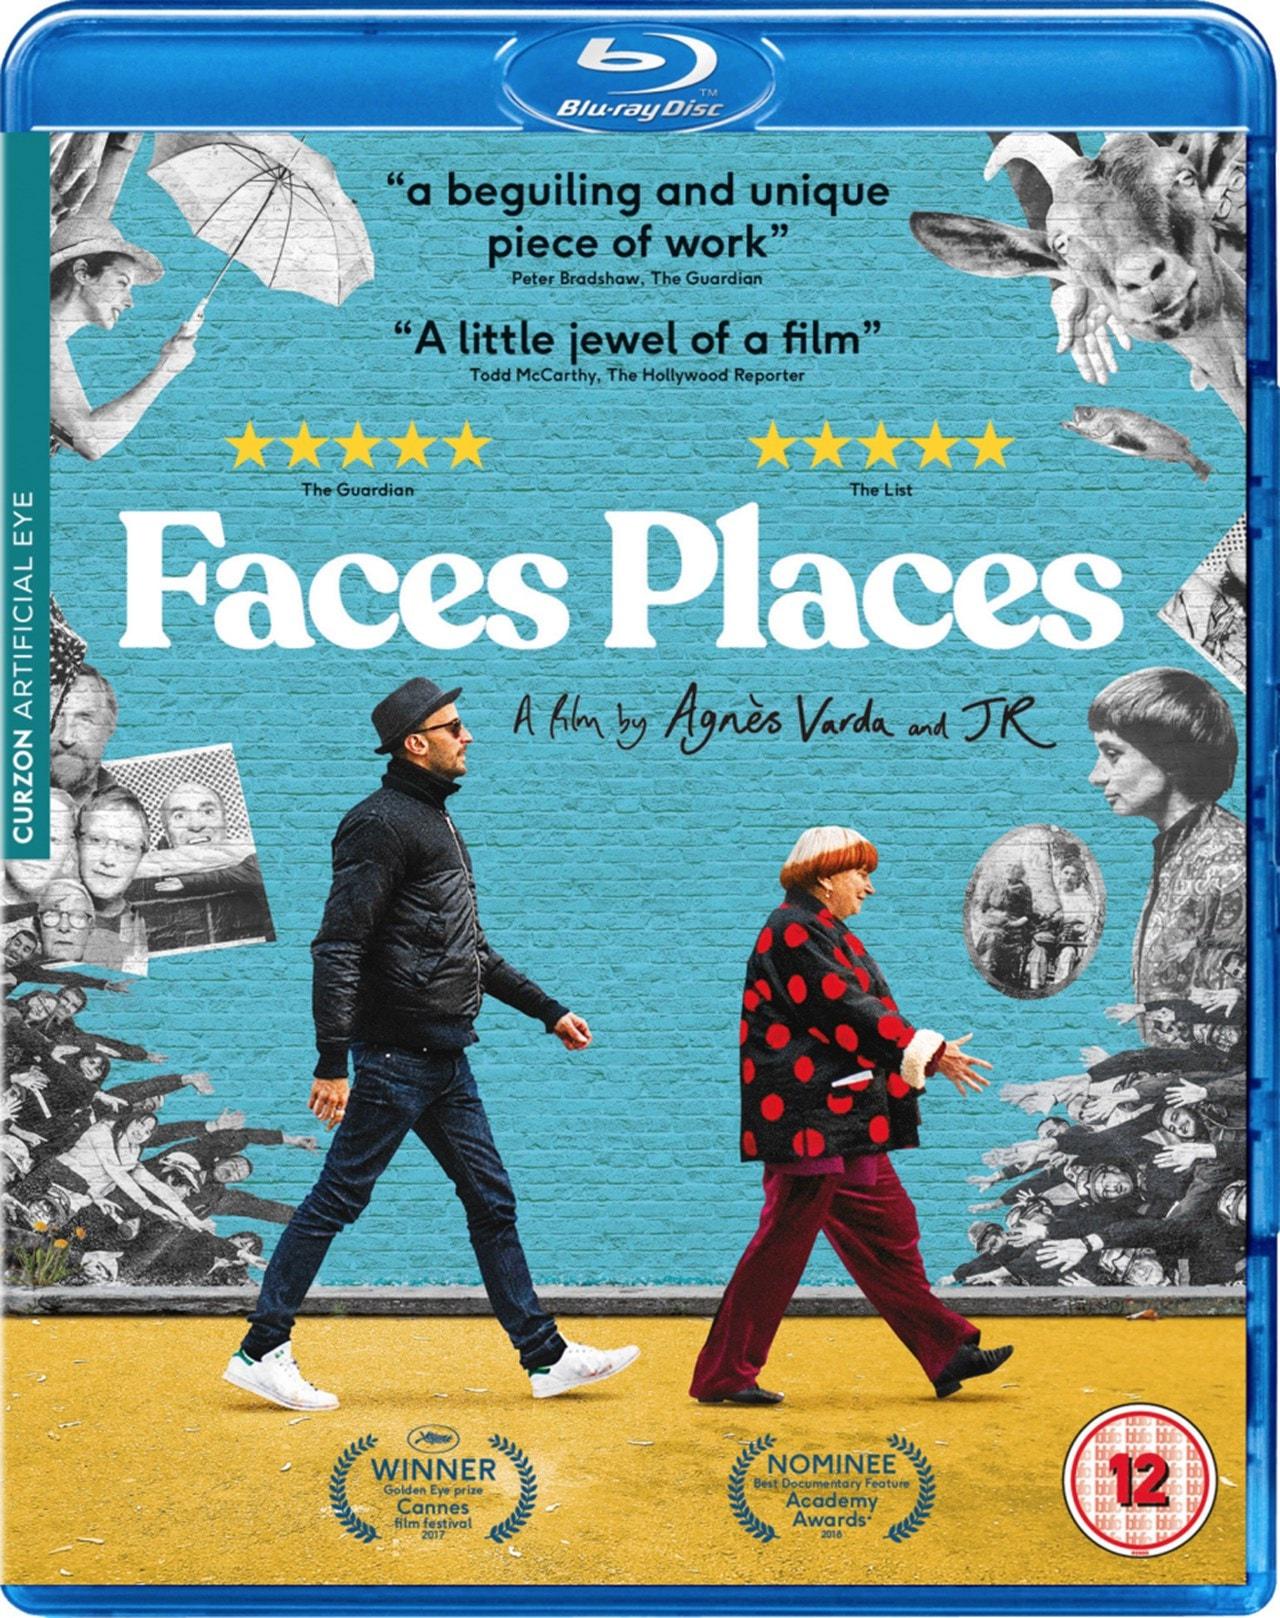 Faces Places - 2